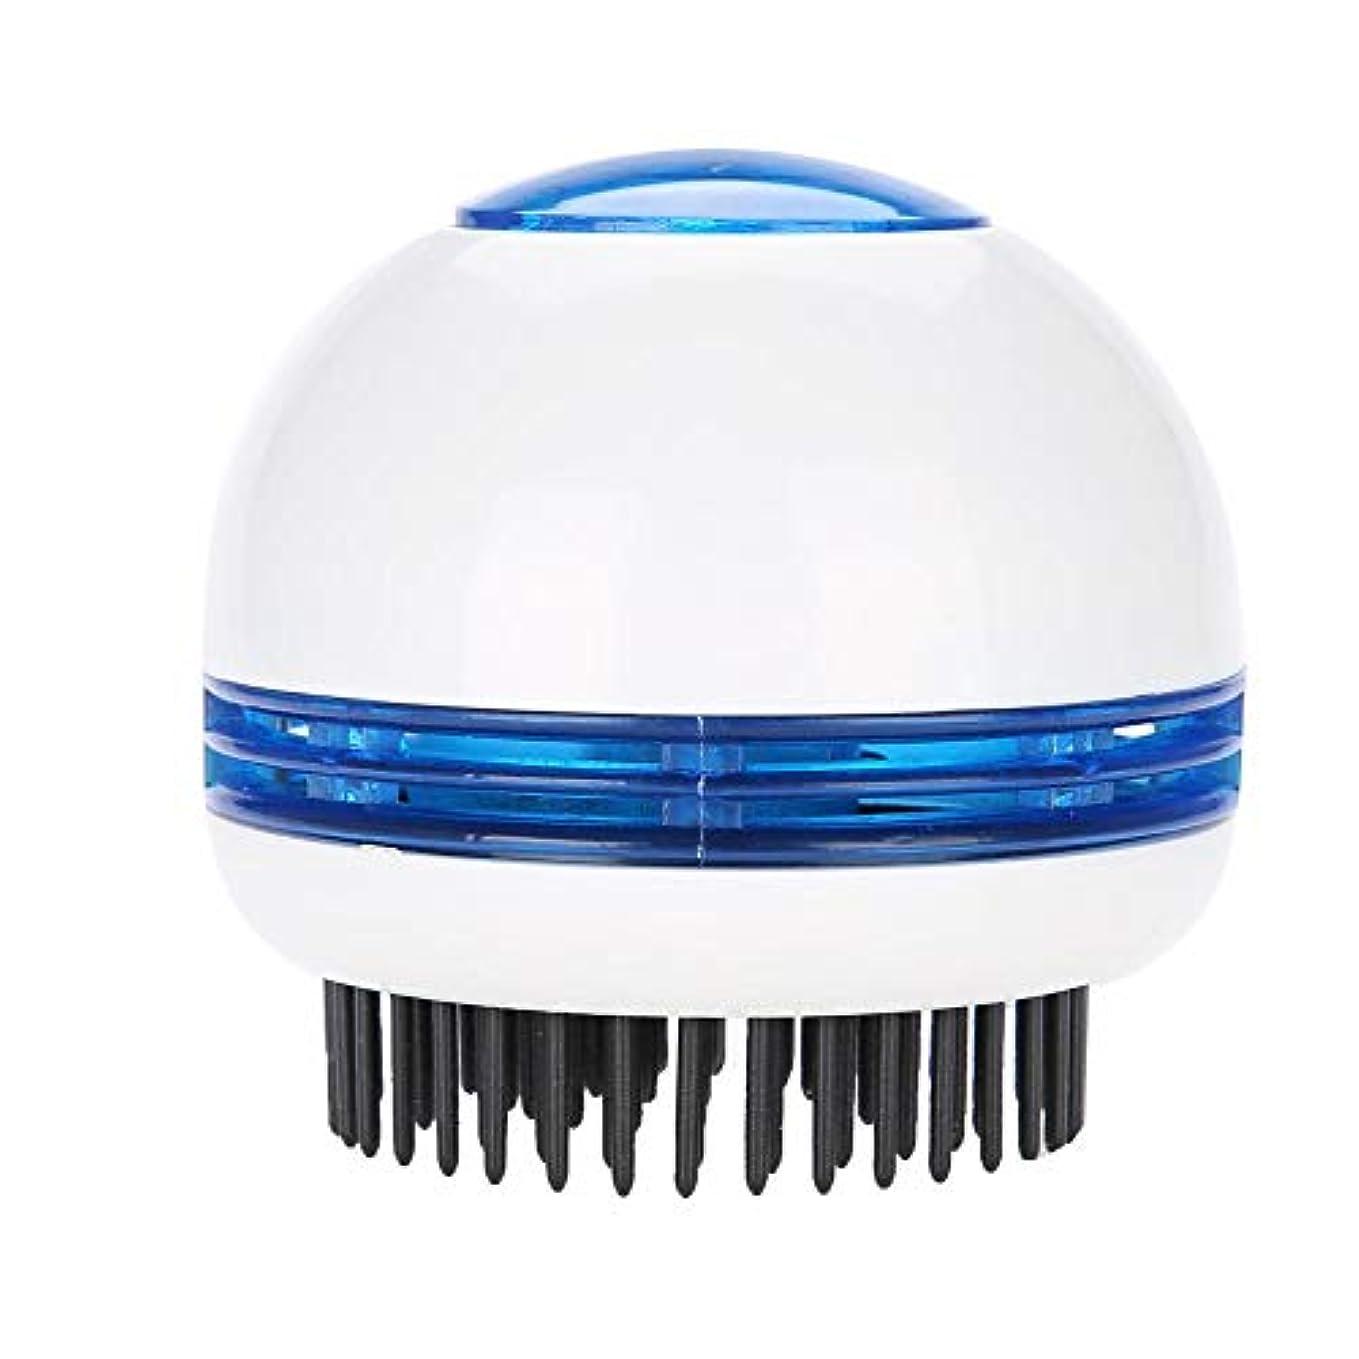 多数の成果平行TOPINCN 電気 マッサージブラシ ヘッドマッサージャー 帯電防止 頭皮のリラクゼーション ストレス緩和 ヘアスクラバーブラシ